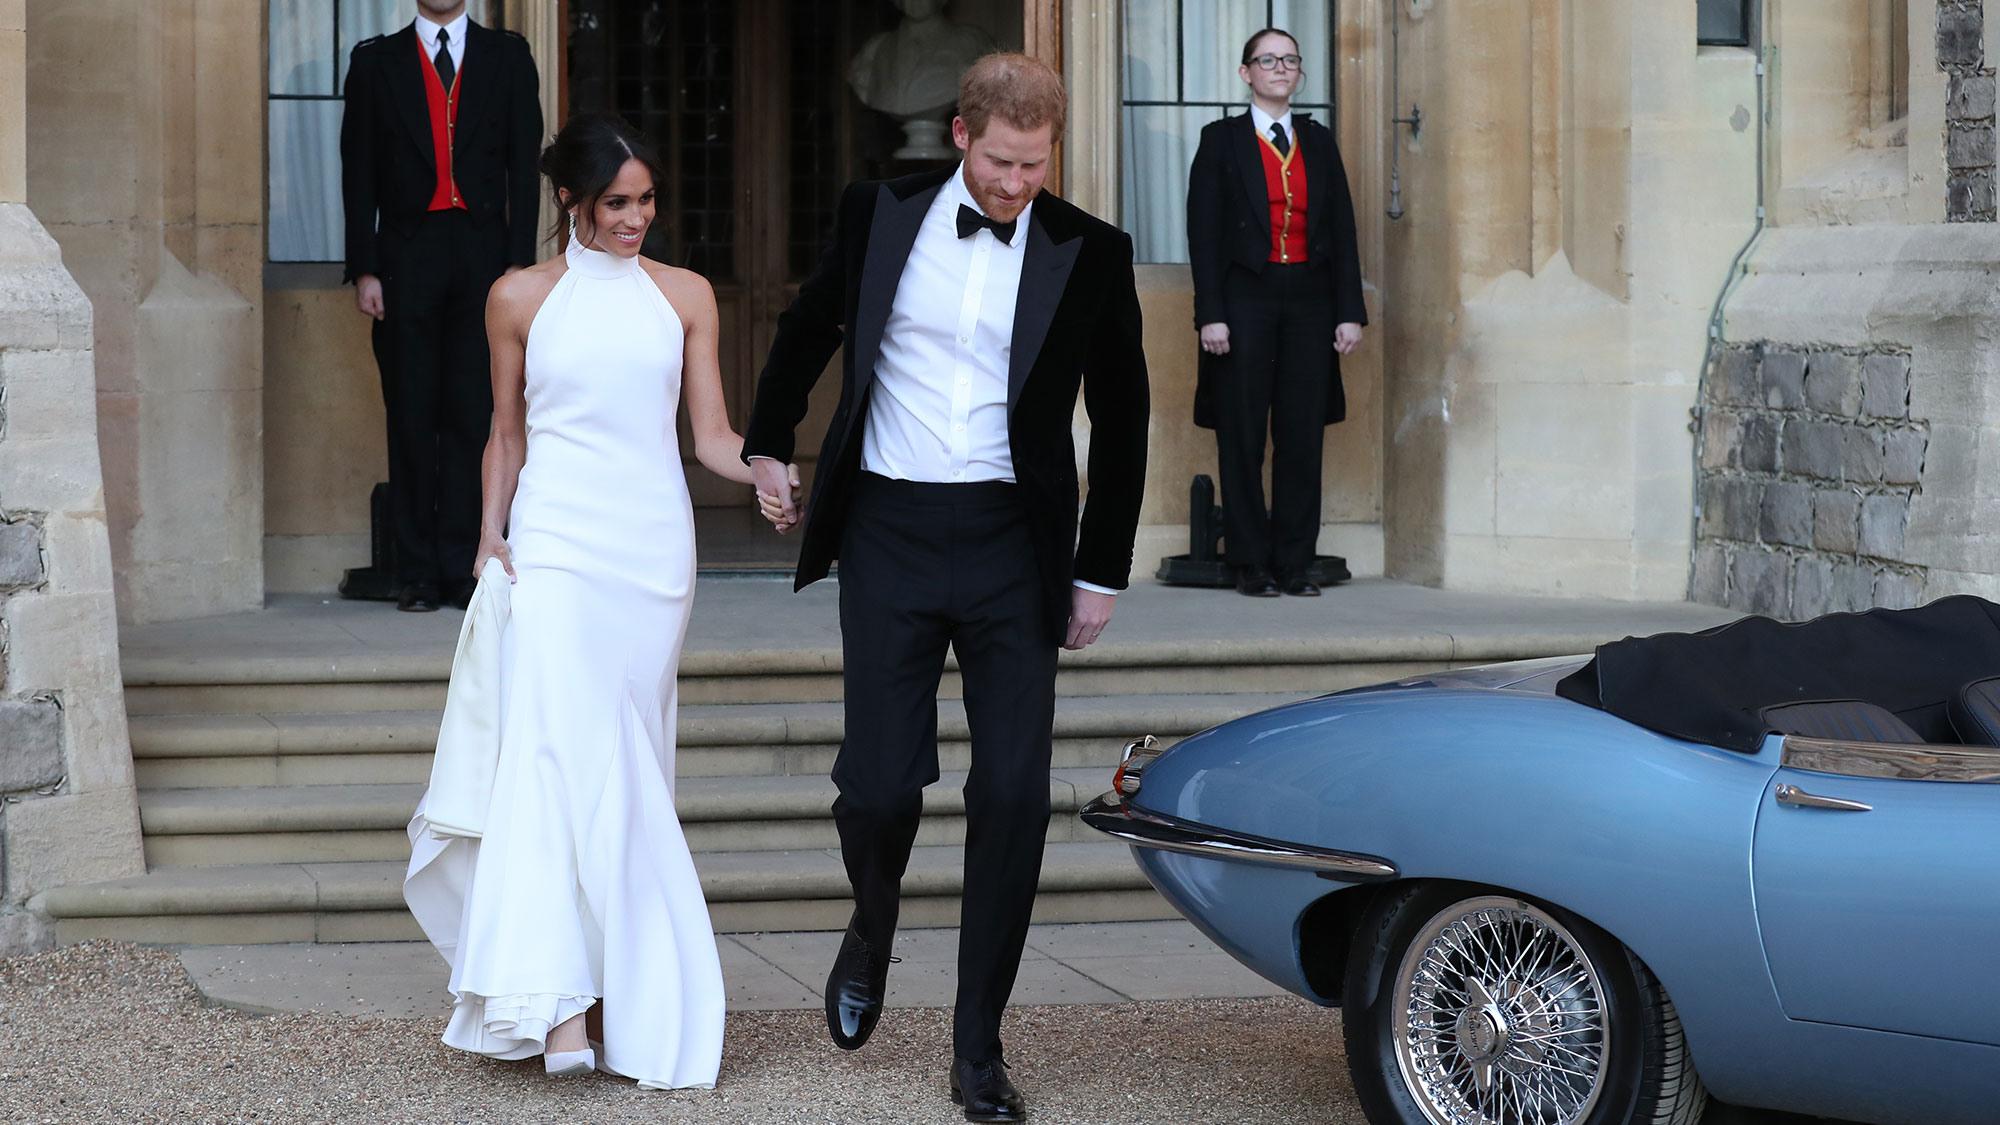 Der Königliche Hochzeitsempfang Von Prinz Harry Und Meghan